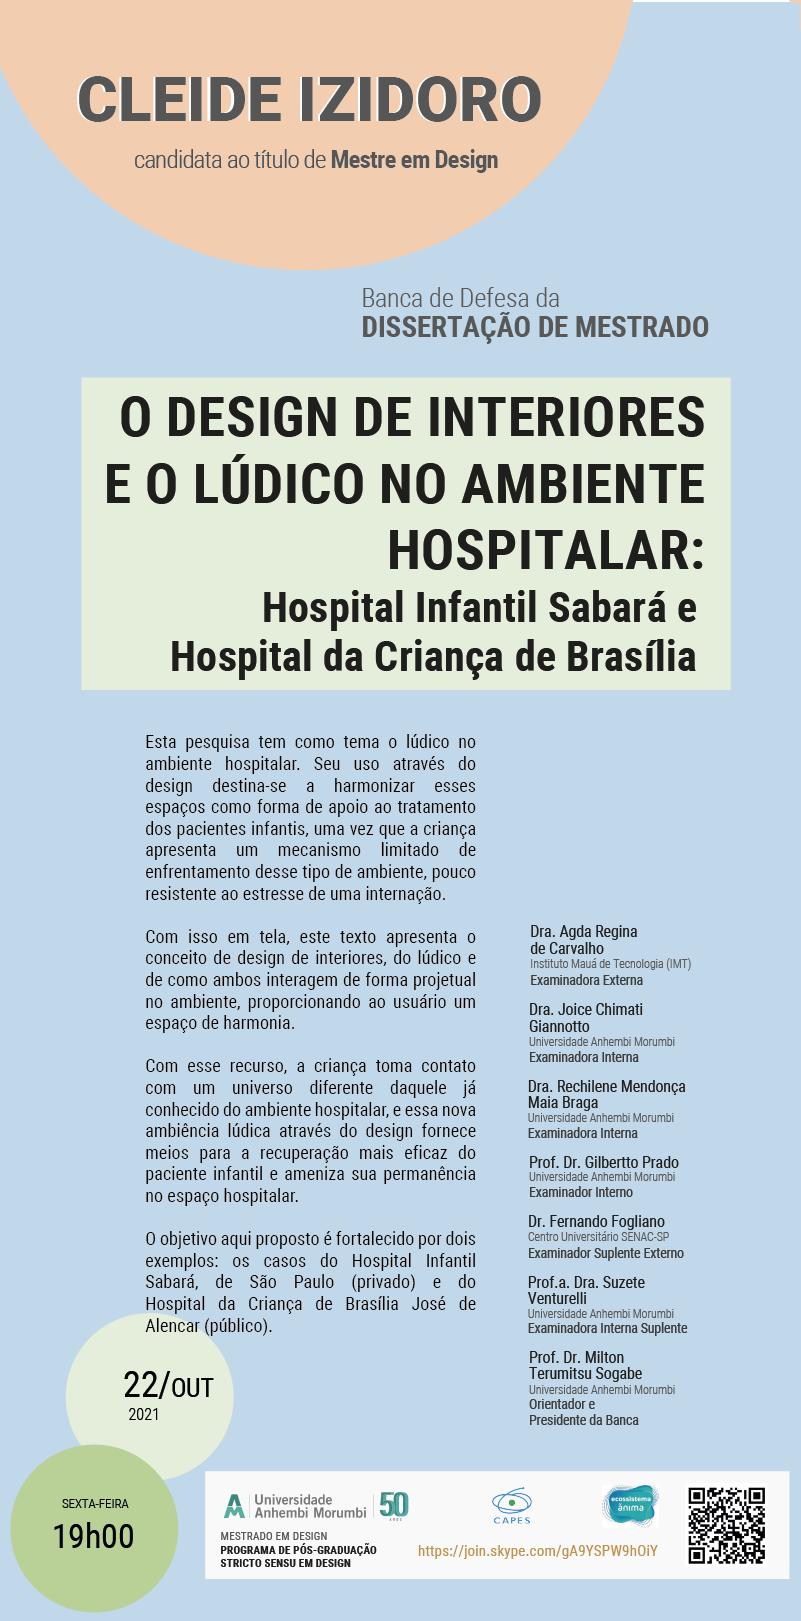 BANCA DEFESA DISSERTAÇÃO: CLEIDE IZIDORO - 22/10/21 às 19H